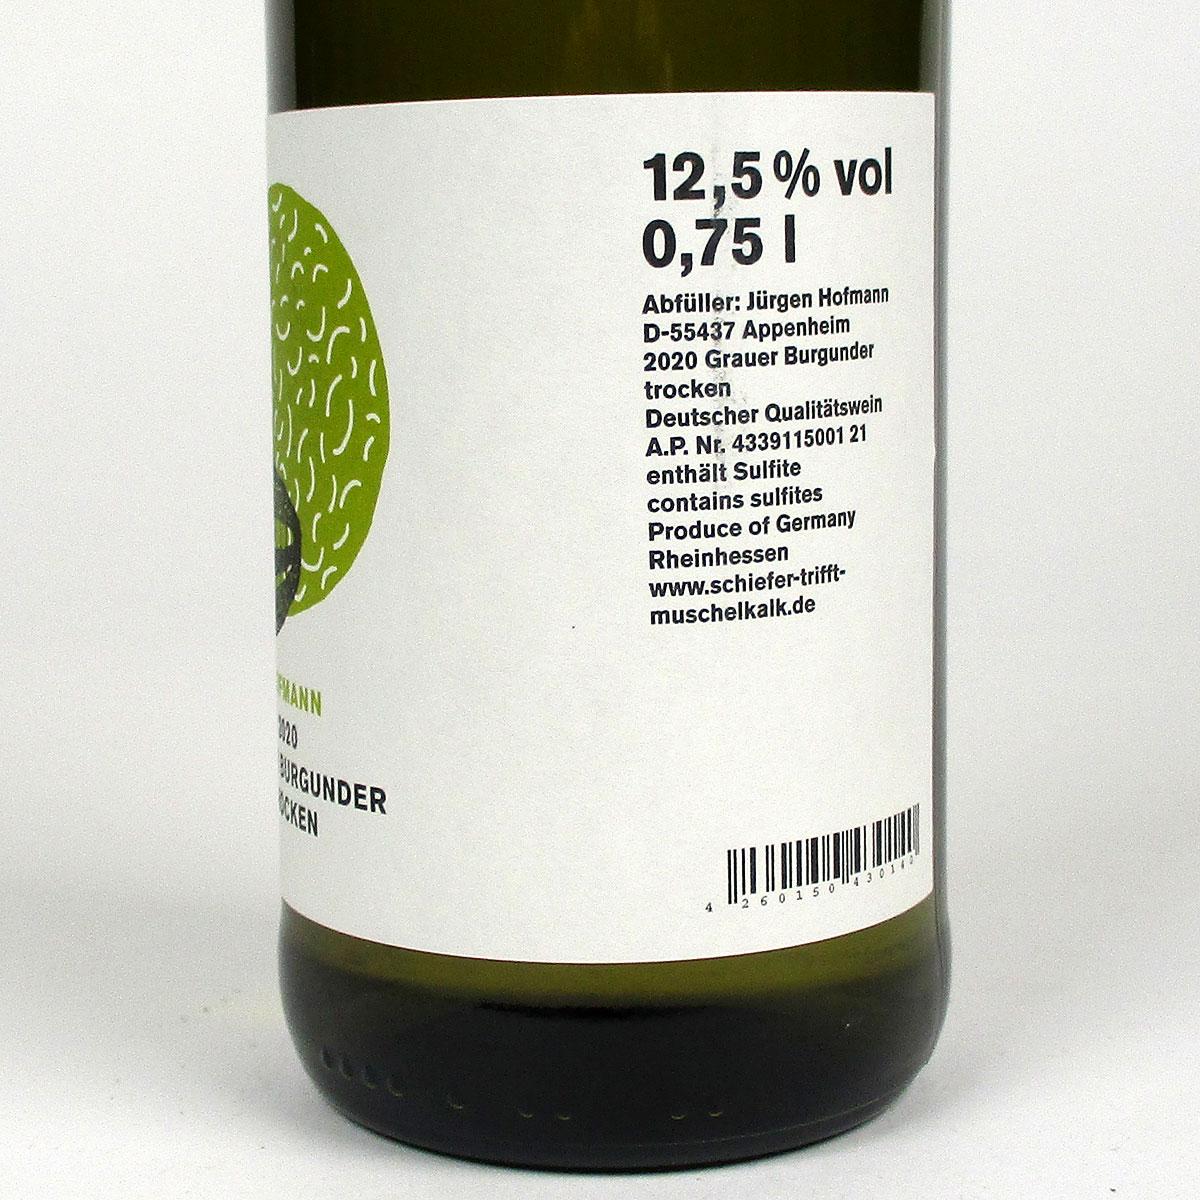 Rheinhessen: Jürgen Hofmann Grauer Burgunder Trocken 2020 - Bottle Rear Label